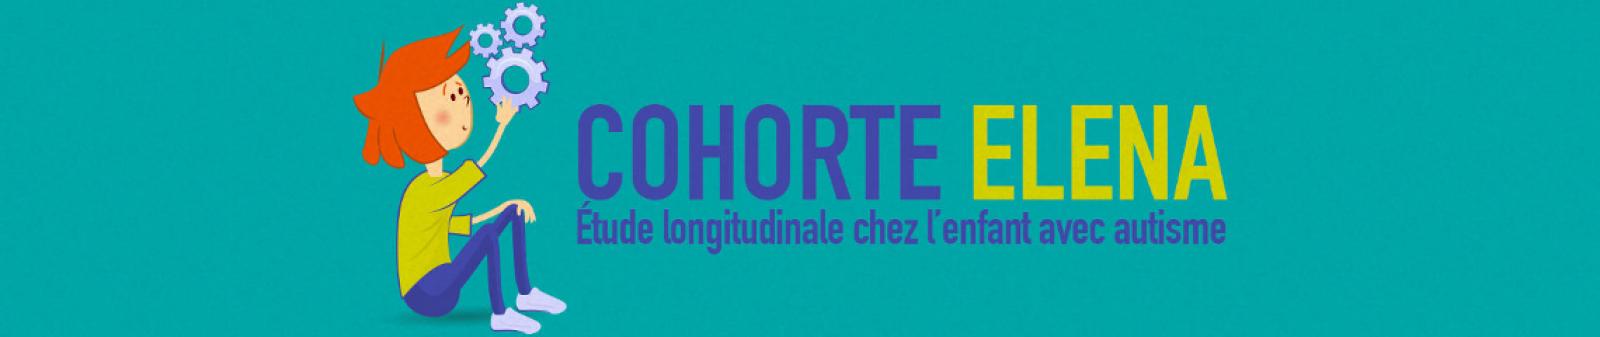 Bannière Cohorte Elena